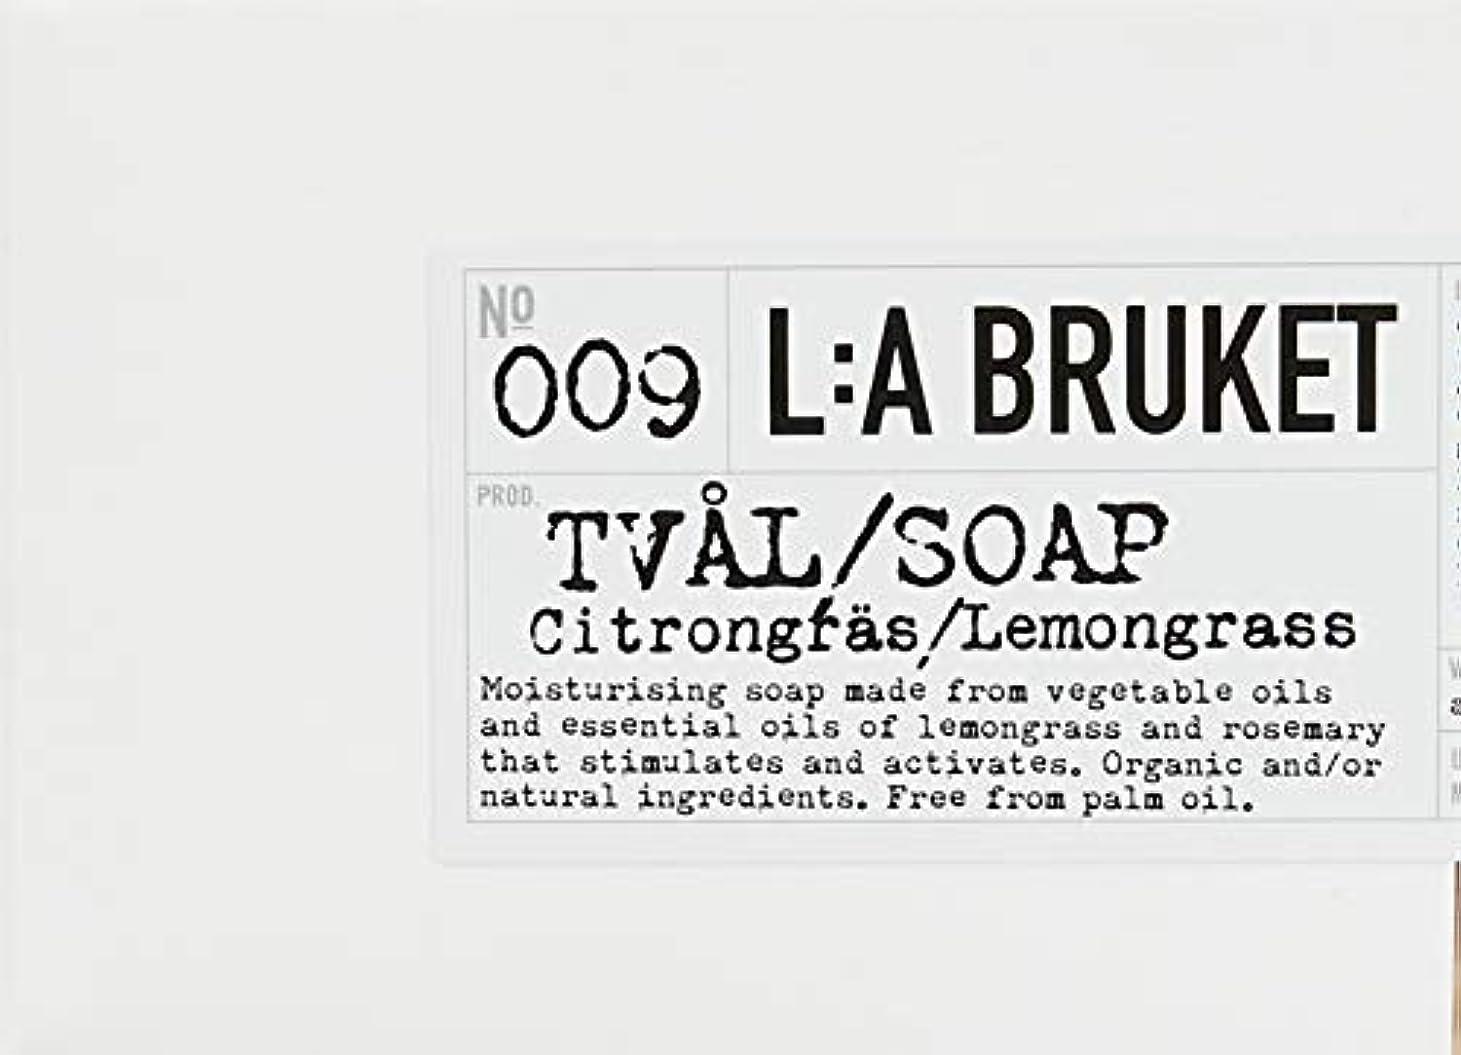 L:a Bruket (ラ ブルケット) ロープソープ (レモングラス) 240g